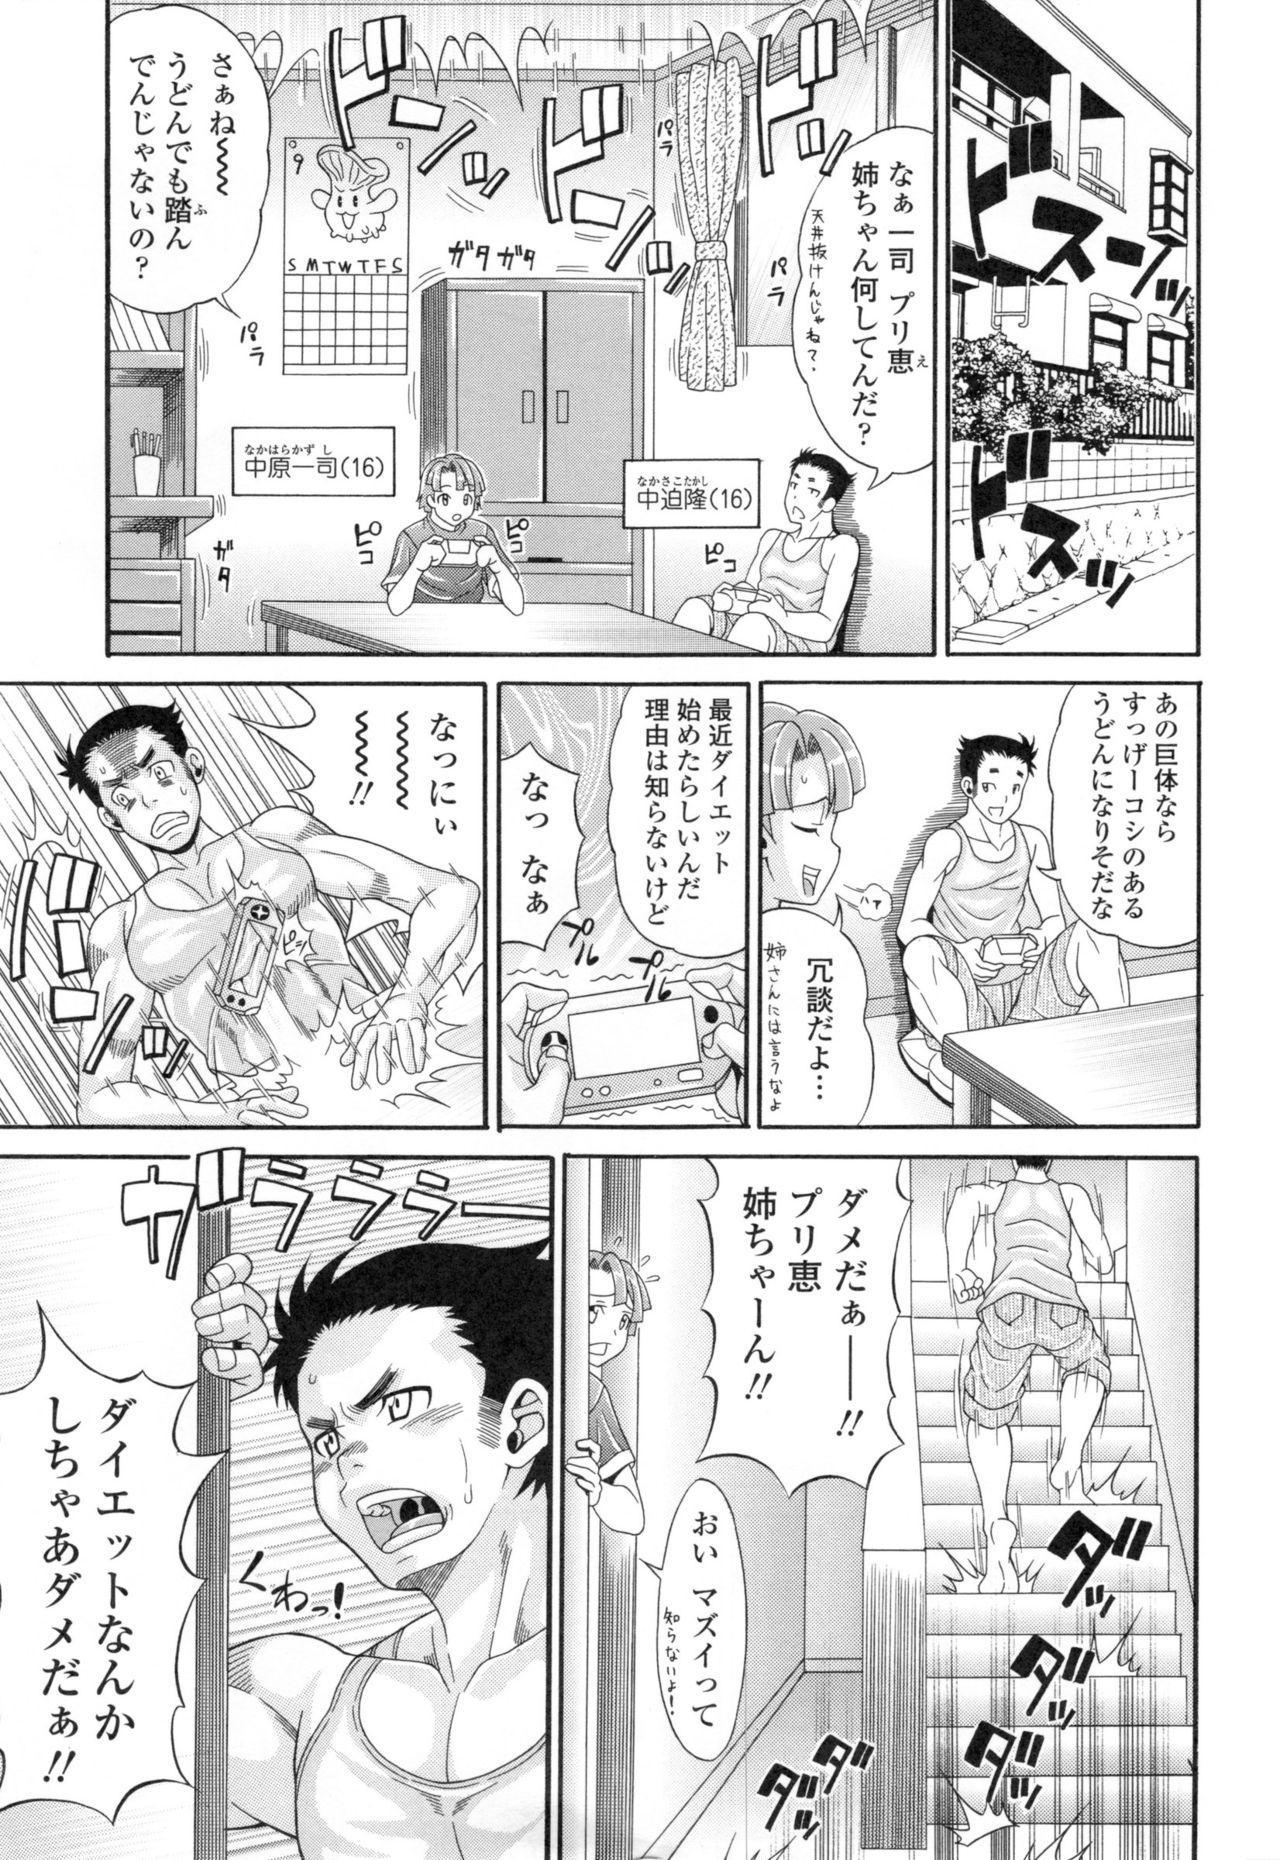 [Andou Hiroyuki] Pakopako Bitch ~Megamori! Mashimashi! Dosukebe Niku~ + Toranoana Leaflet 7